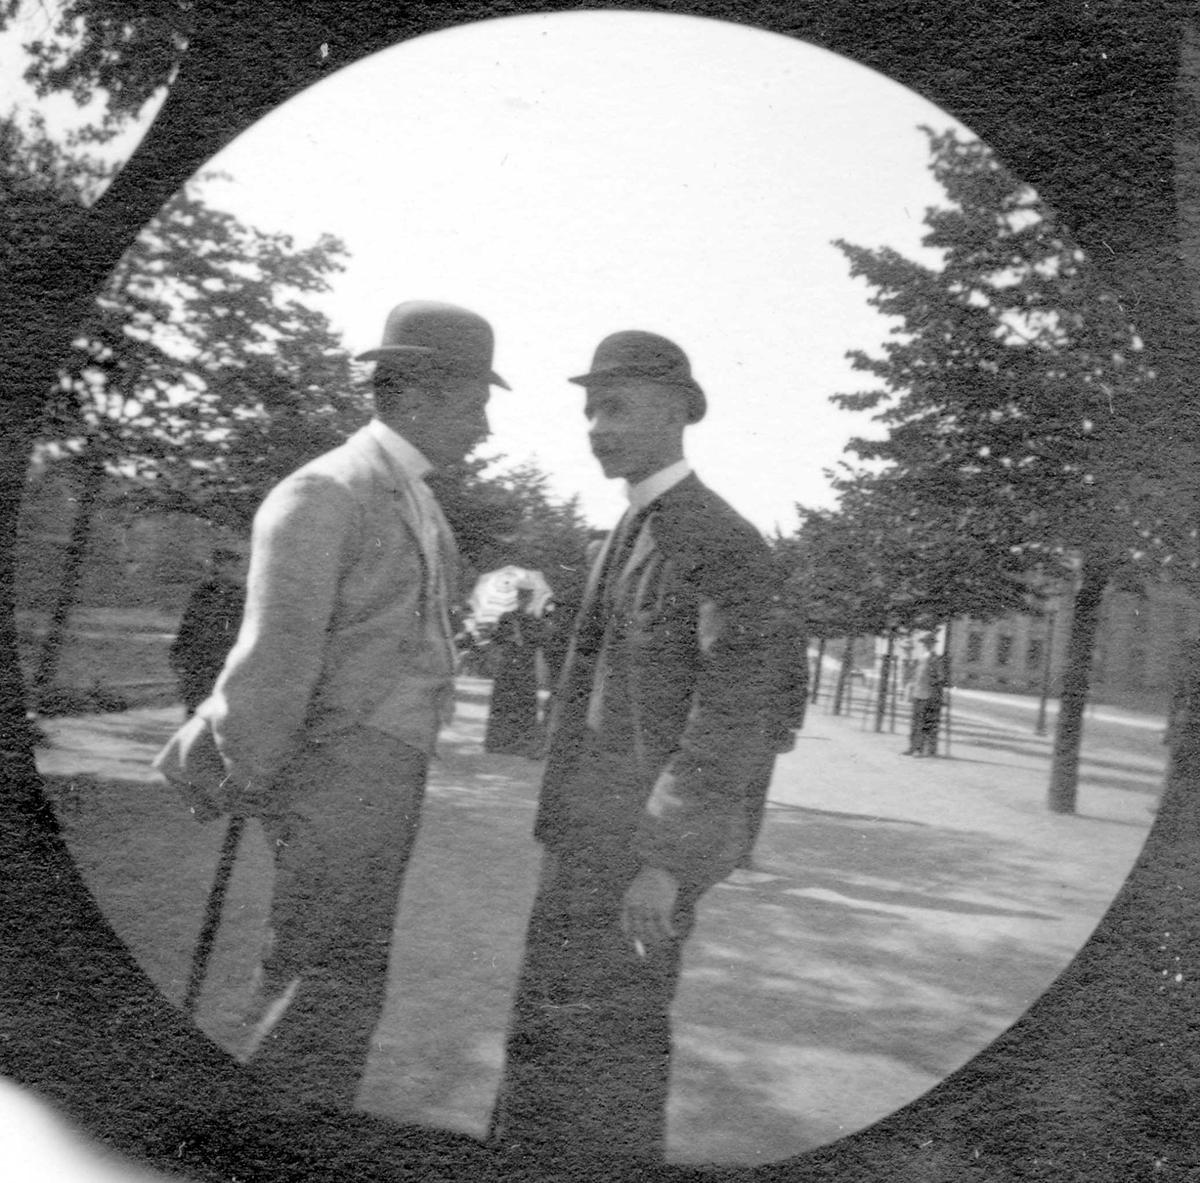 To unge menn står og prater i Studenterlunden, Oslo. Universitetet skimtes mellom trærne. Studenter fra 1892.